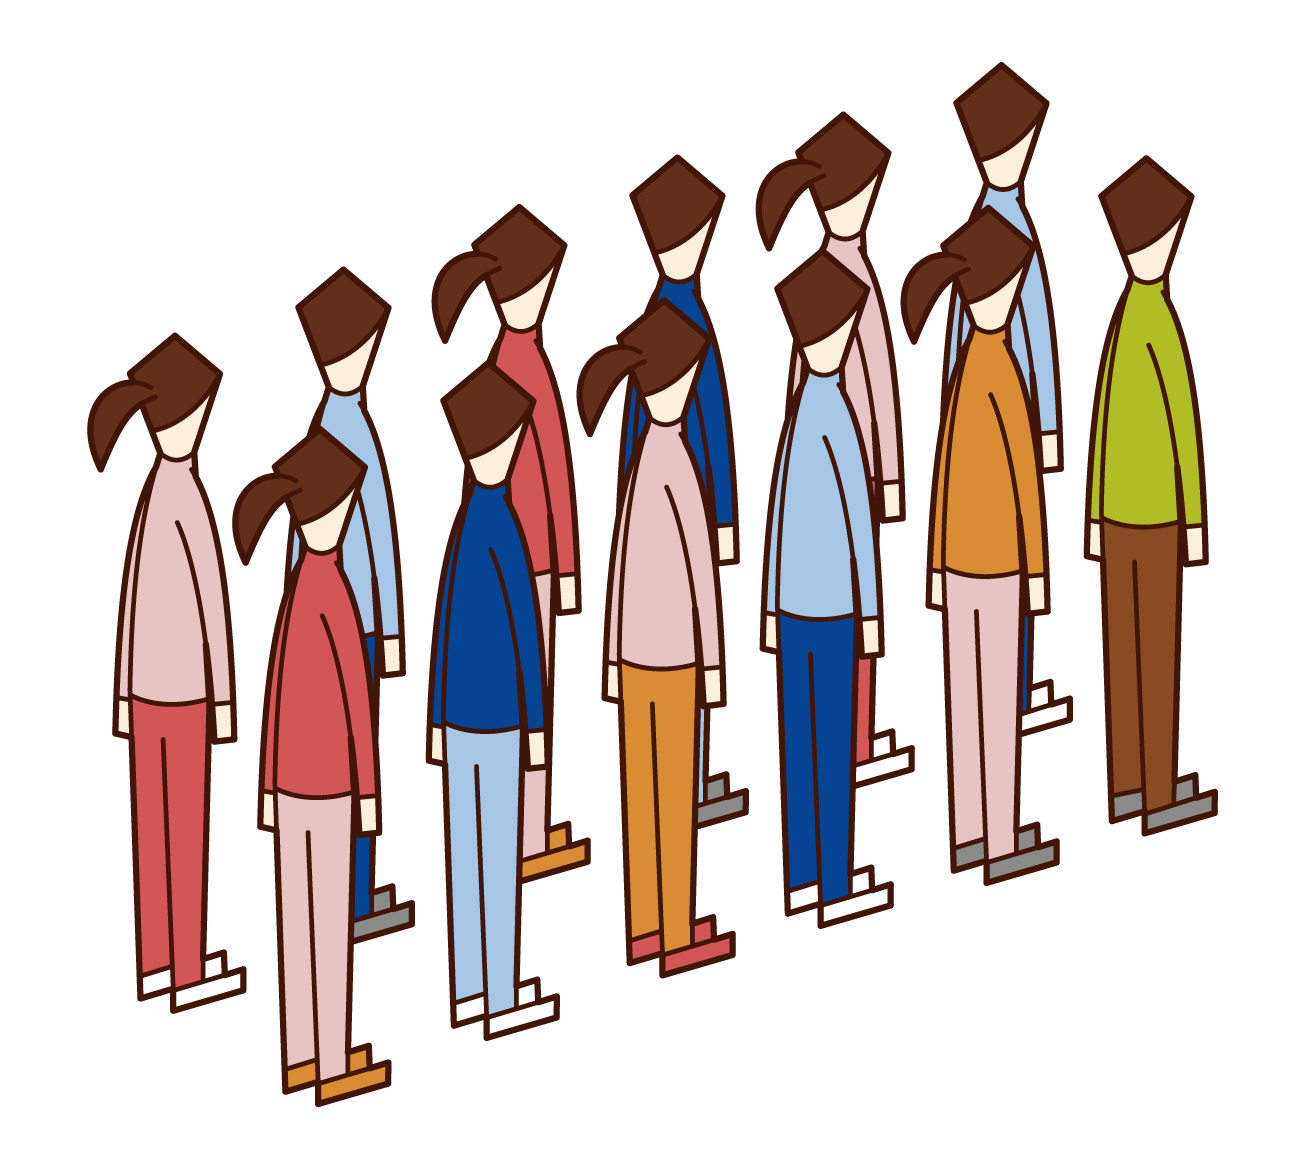 二列に並ぶ人のイラスト